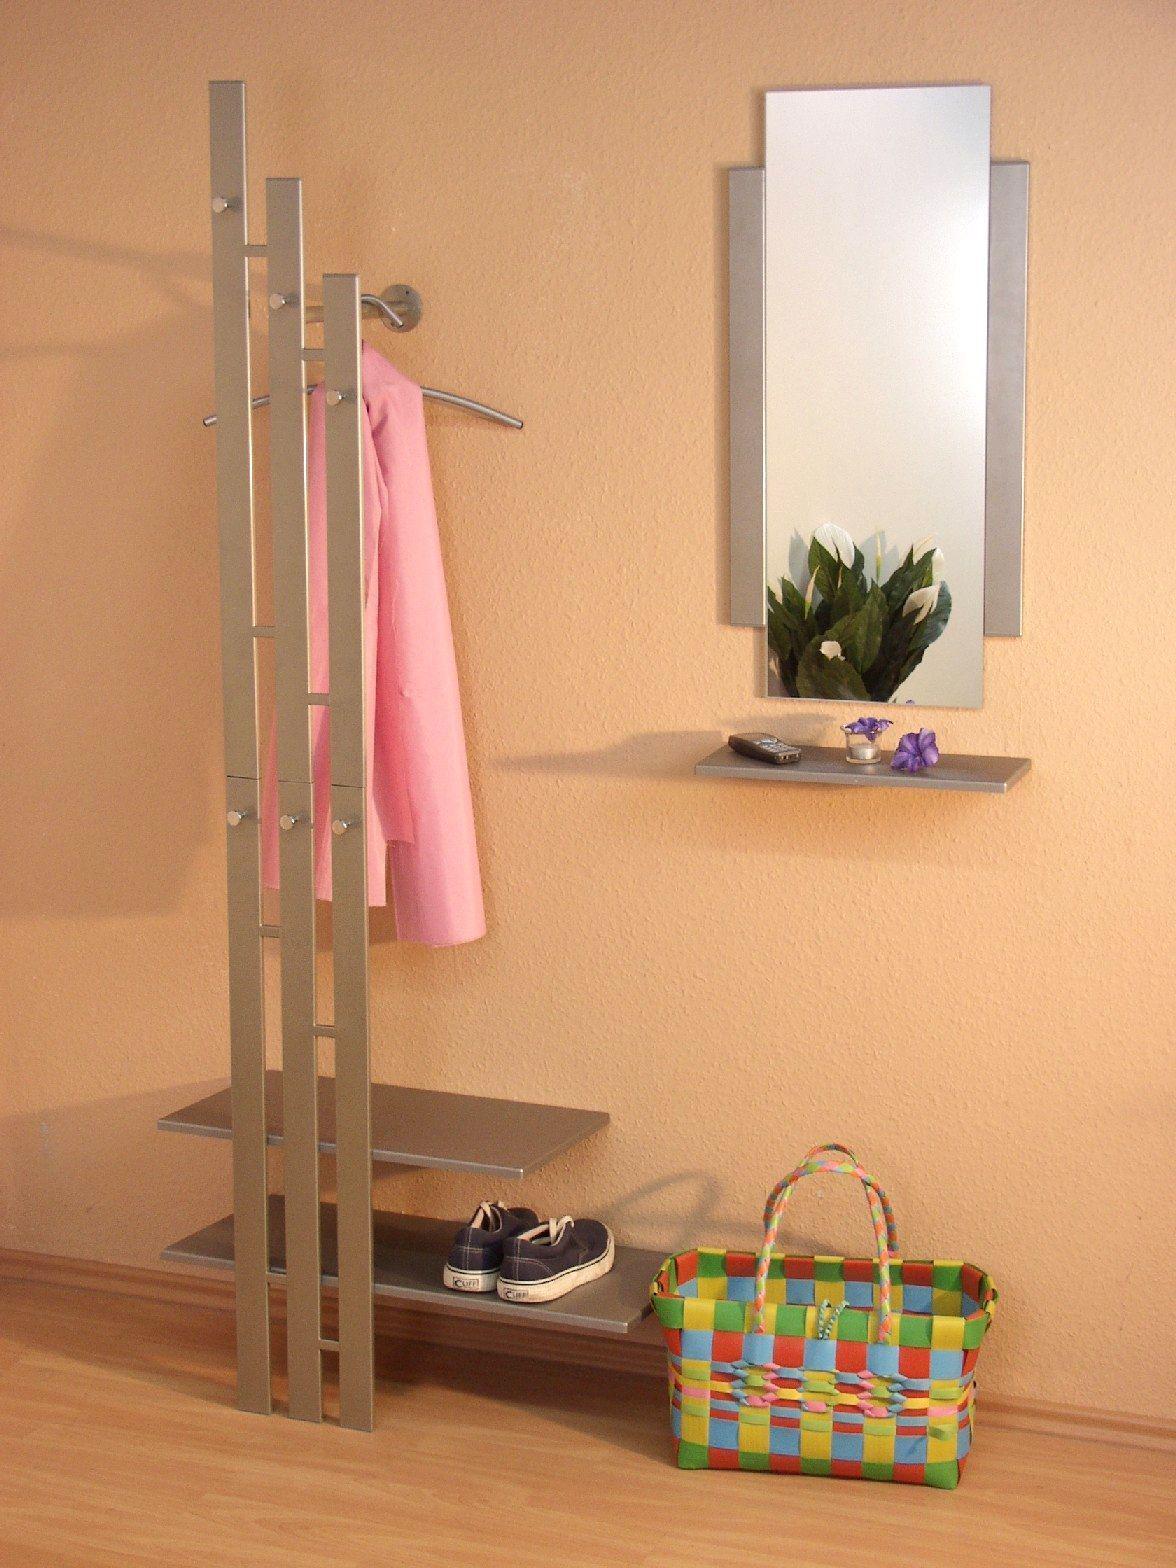 wandgarderobe garderobe kleiderstange ablagebogen chrom nickel ablage wei kaufen bei go perfect. Black Bedroom Furniture Sets. Home Design Ideas